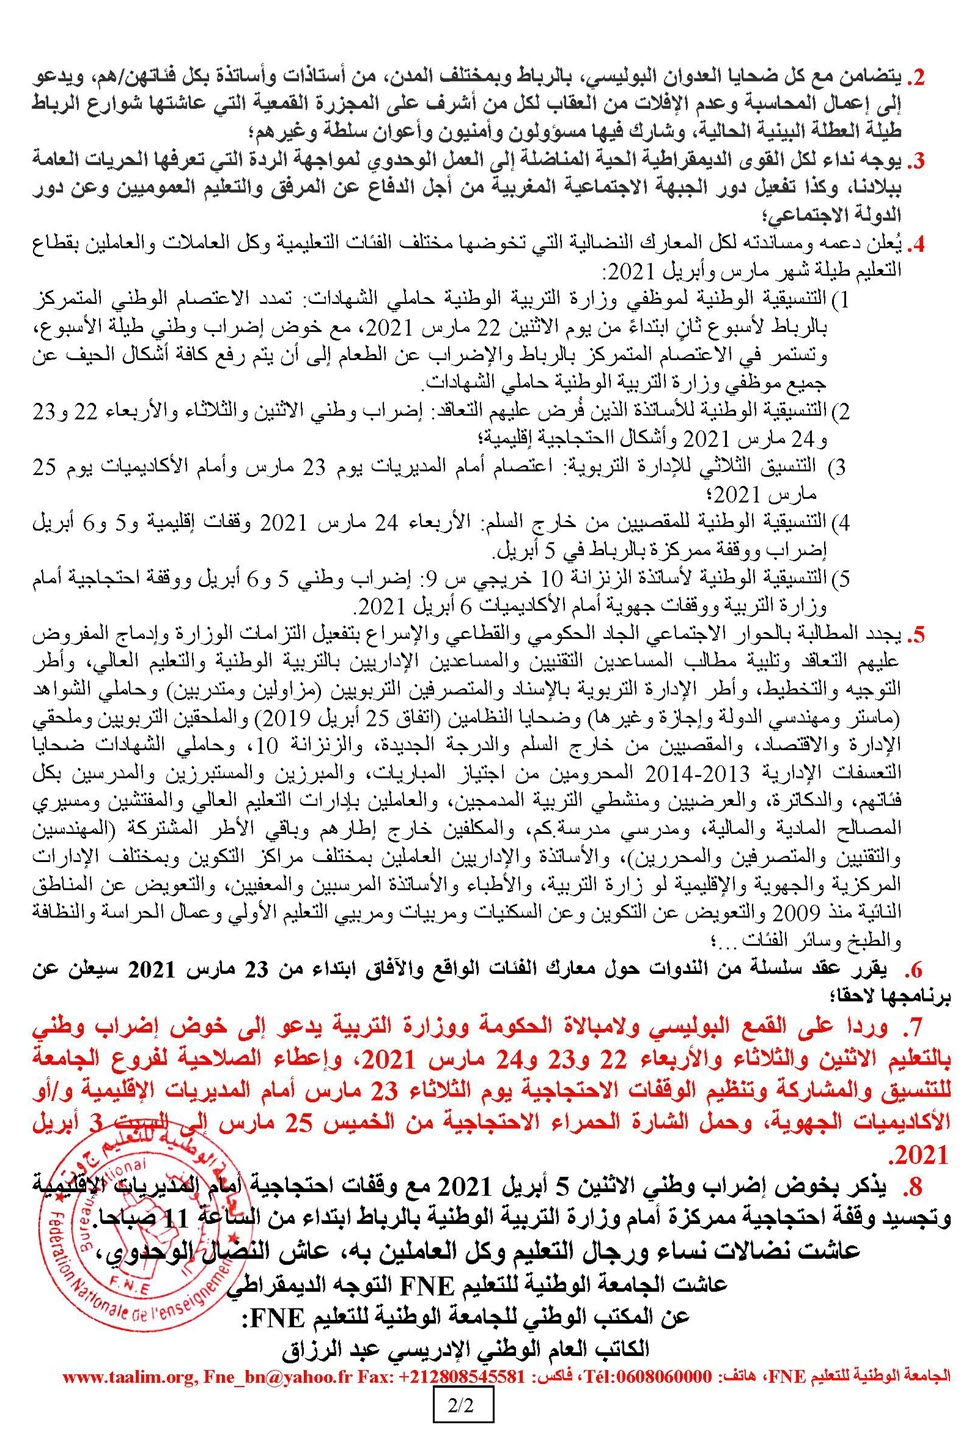 fne-greve-22-23-24-mars-2021_Page_2.jpg